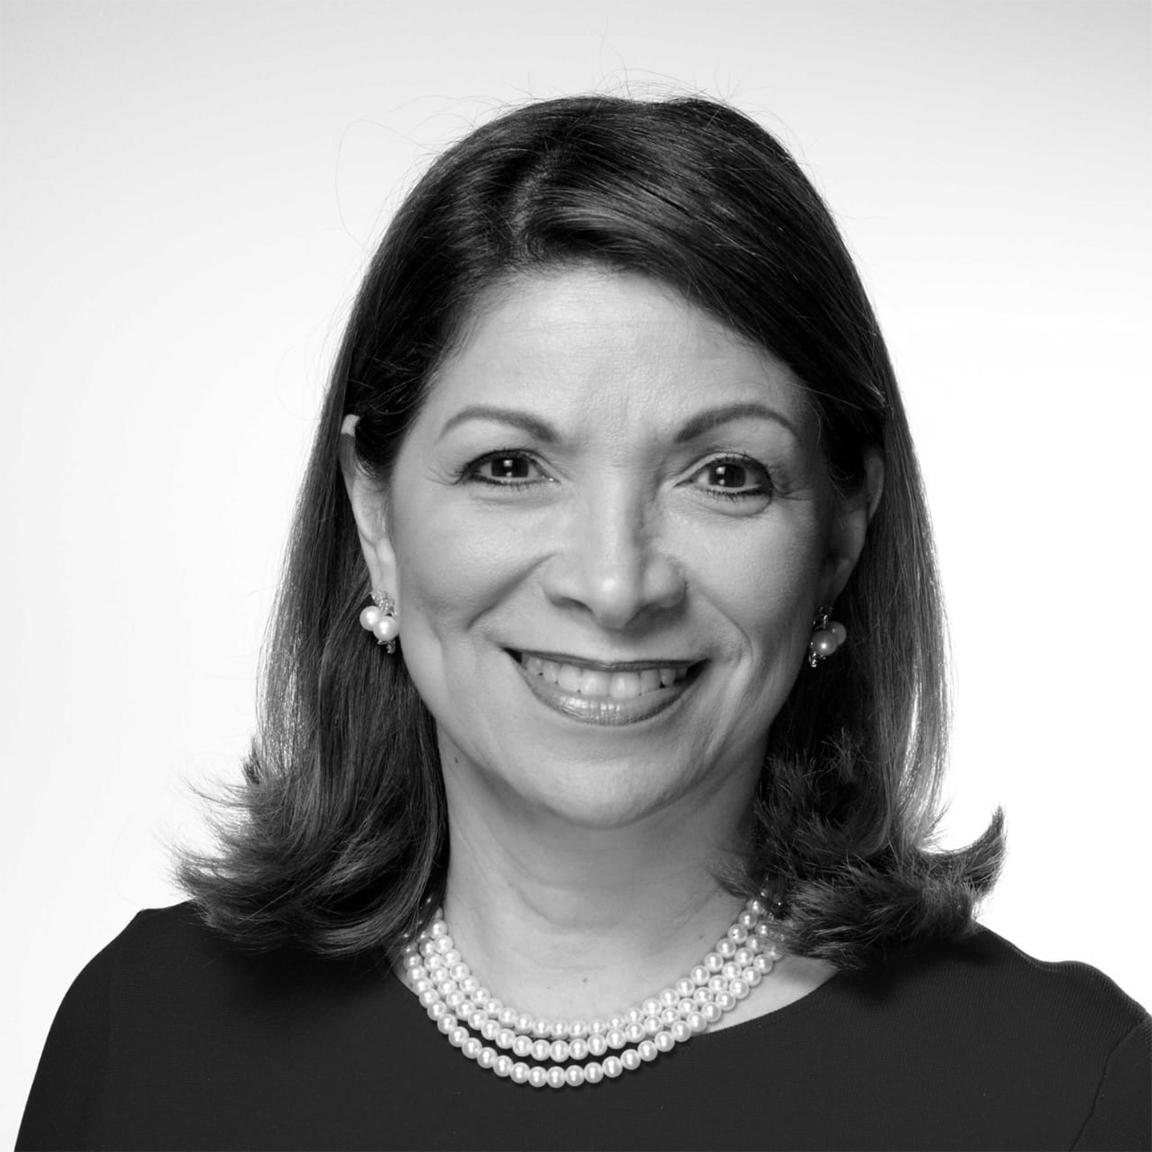 Mgs. Ana Matilde Gómez